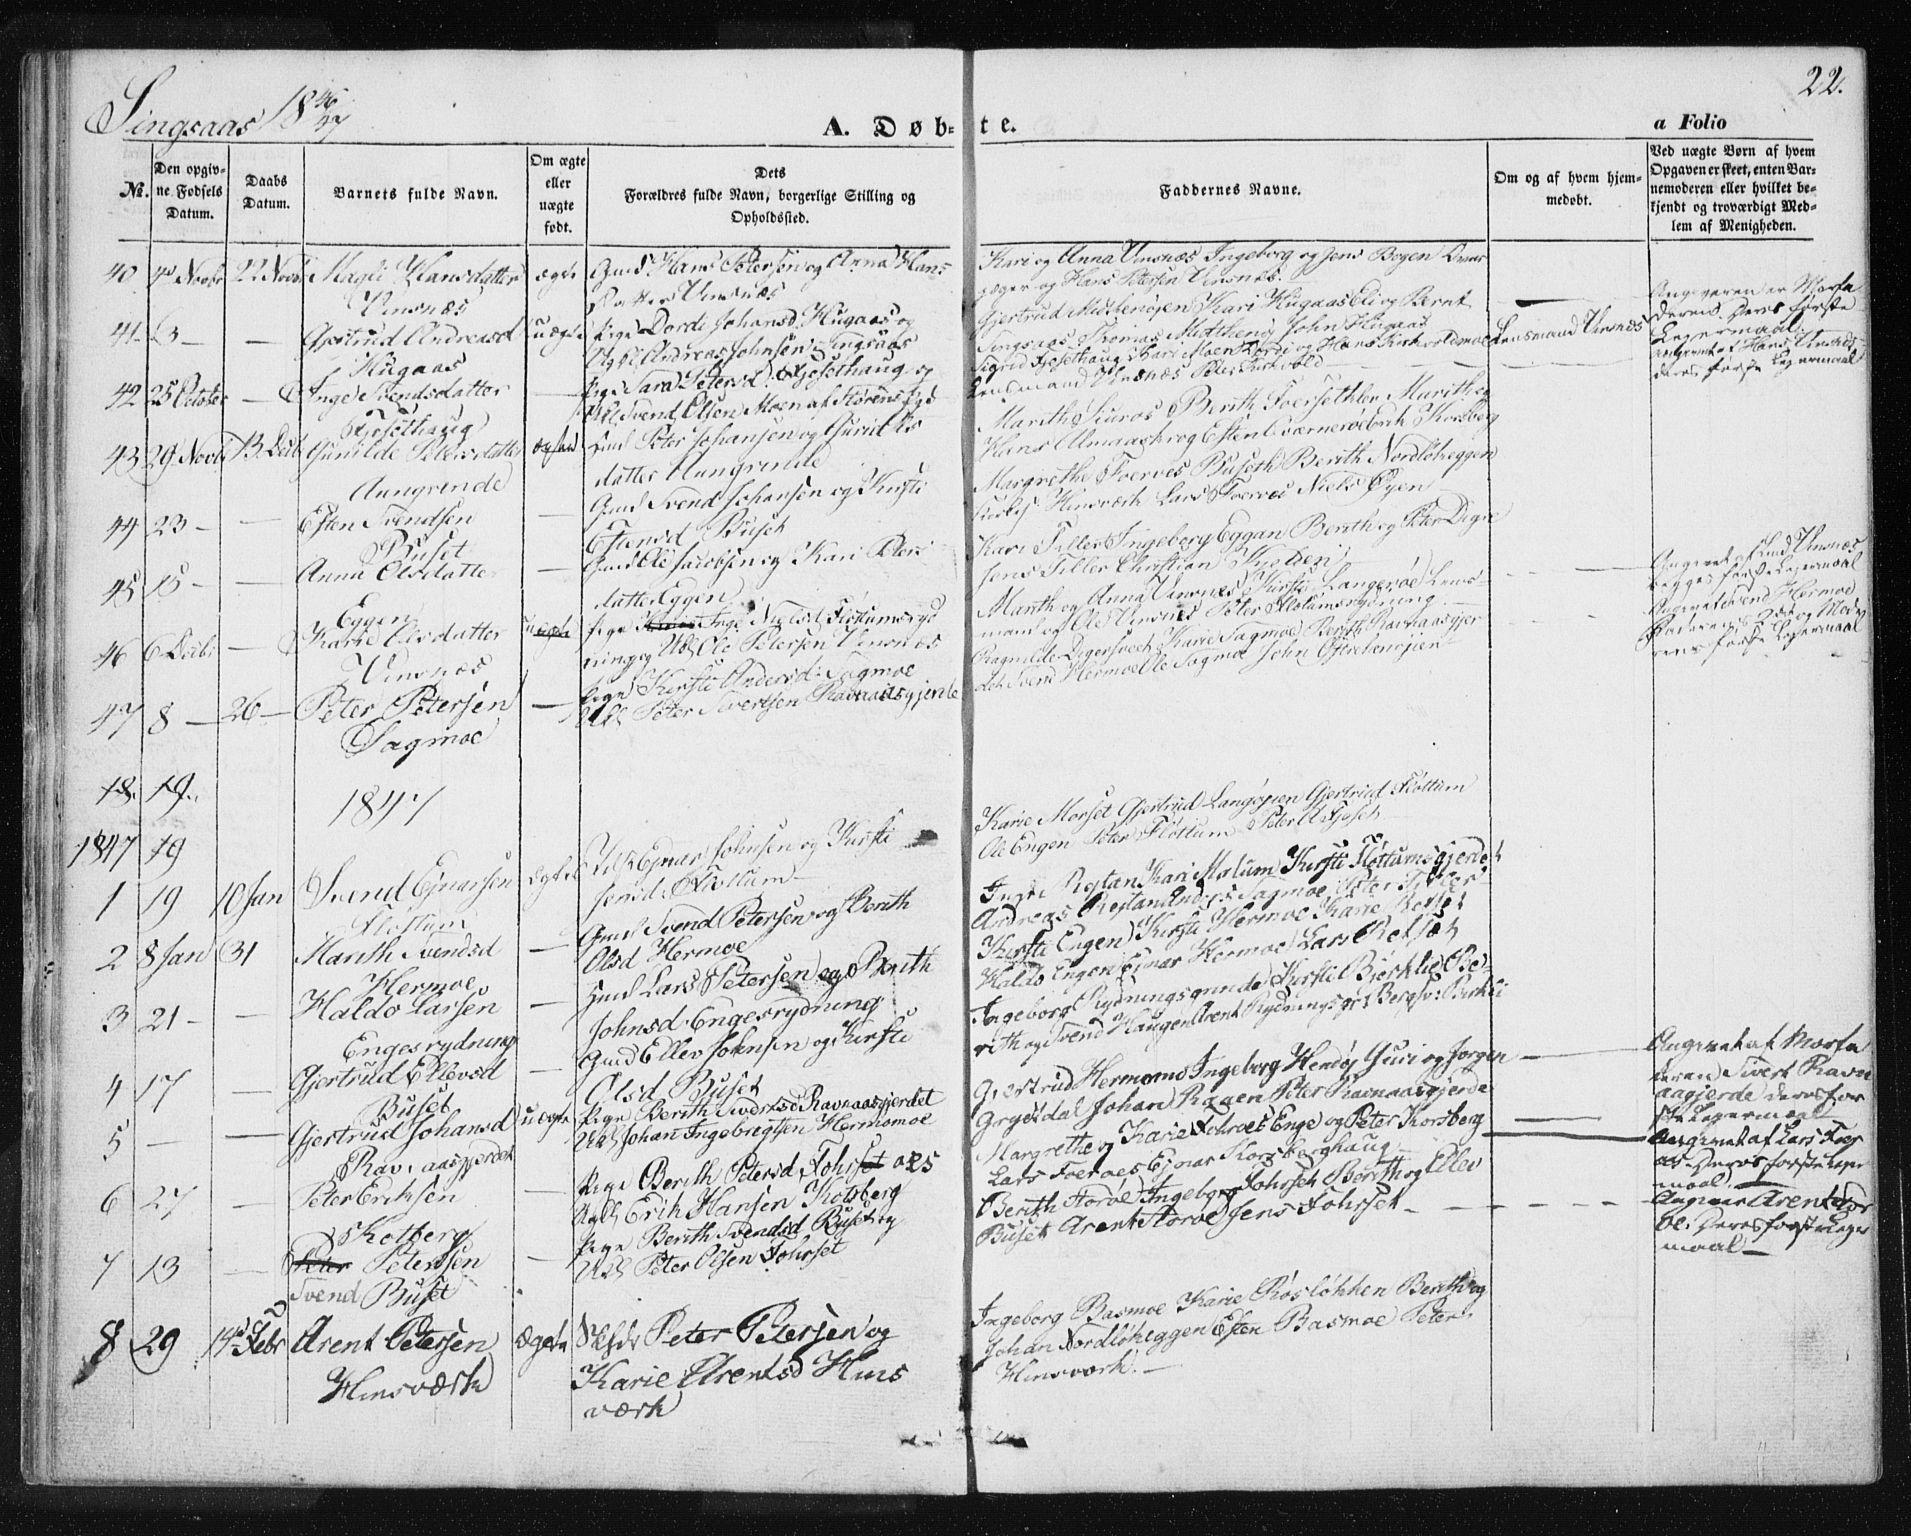 SAT, Ministerialprotokoller, klokkerbøker og fødselsregistre - Sør-Trøndelag, 685/L0964: Ministerialbok nr. 685A06 /2, 1846-1859, s. 22